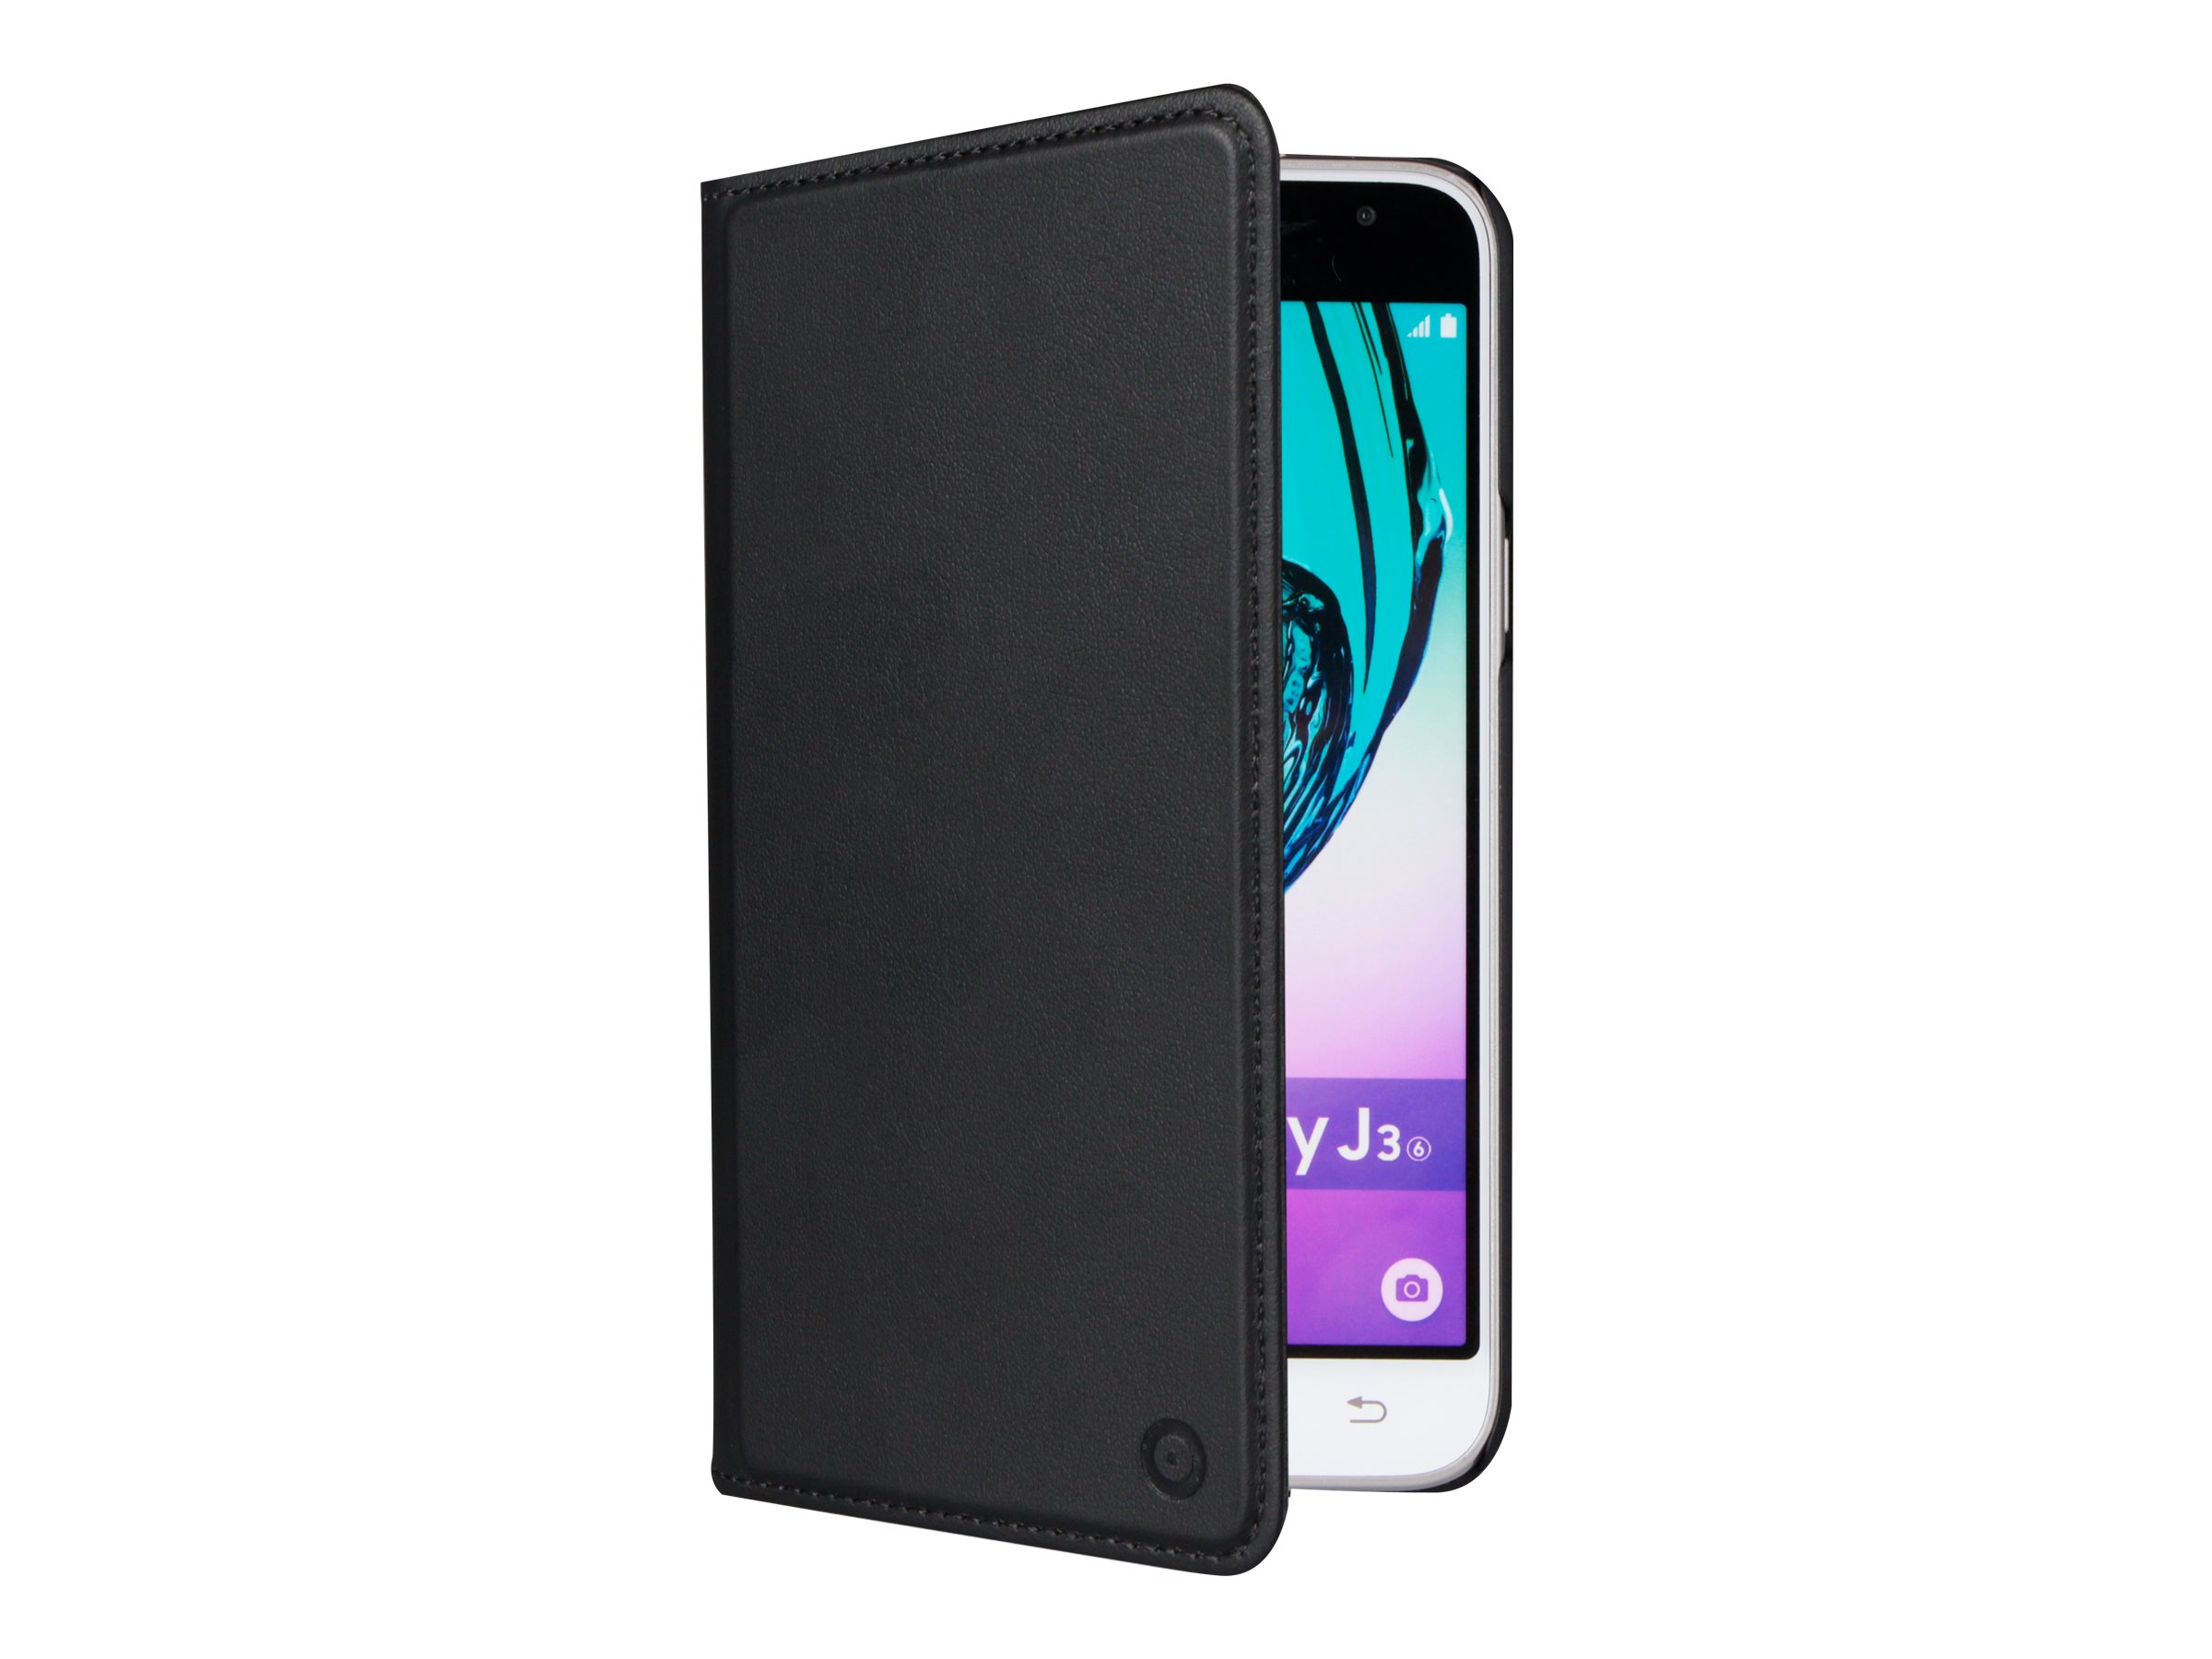 Muvit Folio Stand - Protection à rabat pour Samsung Galaxy J3 - noir